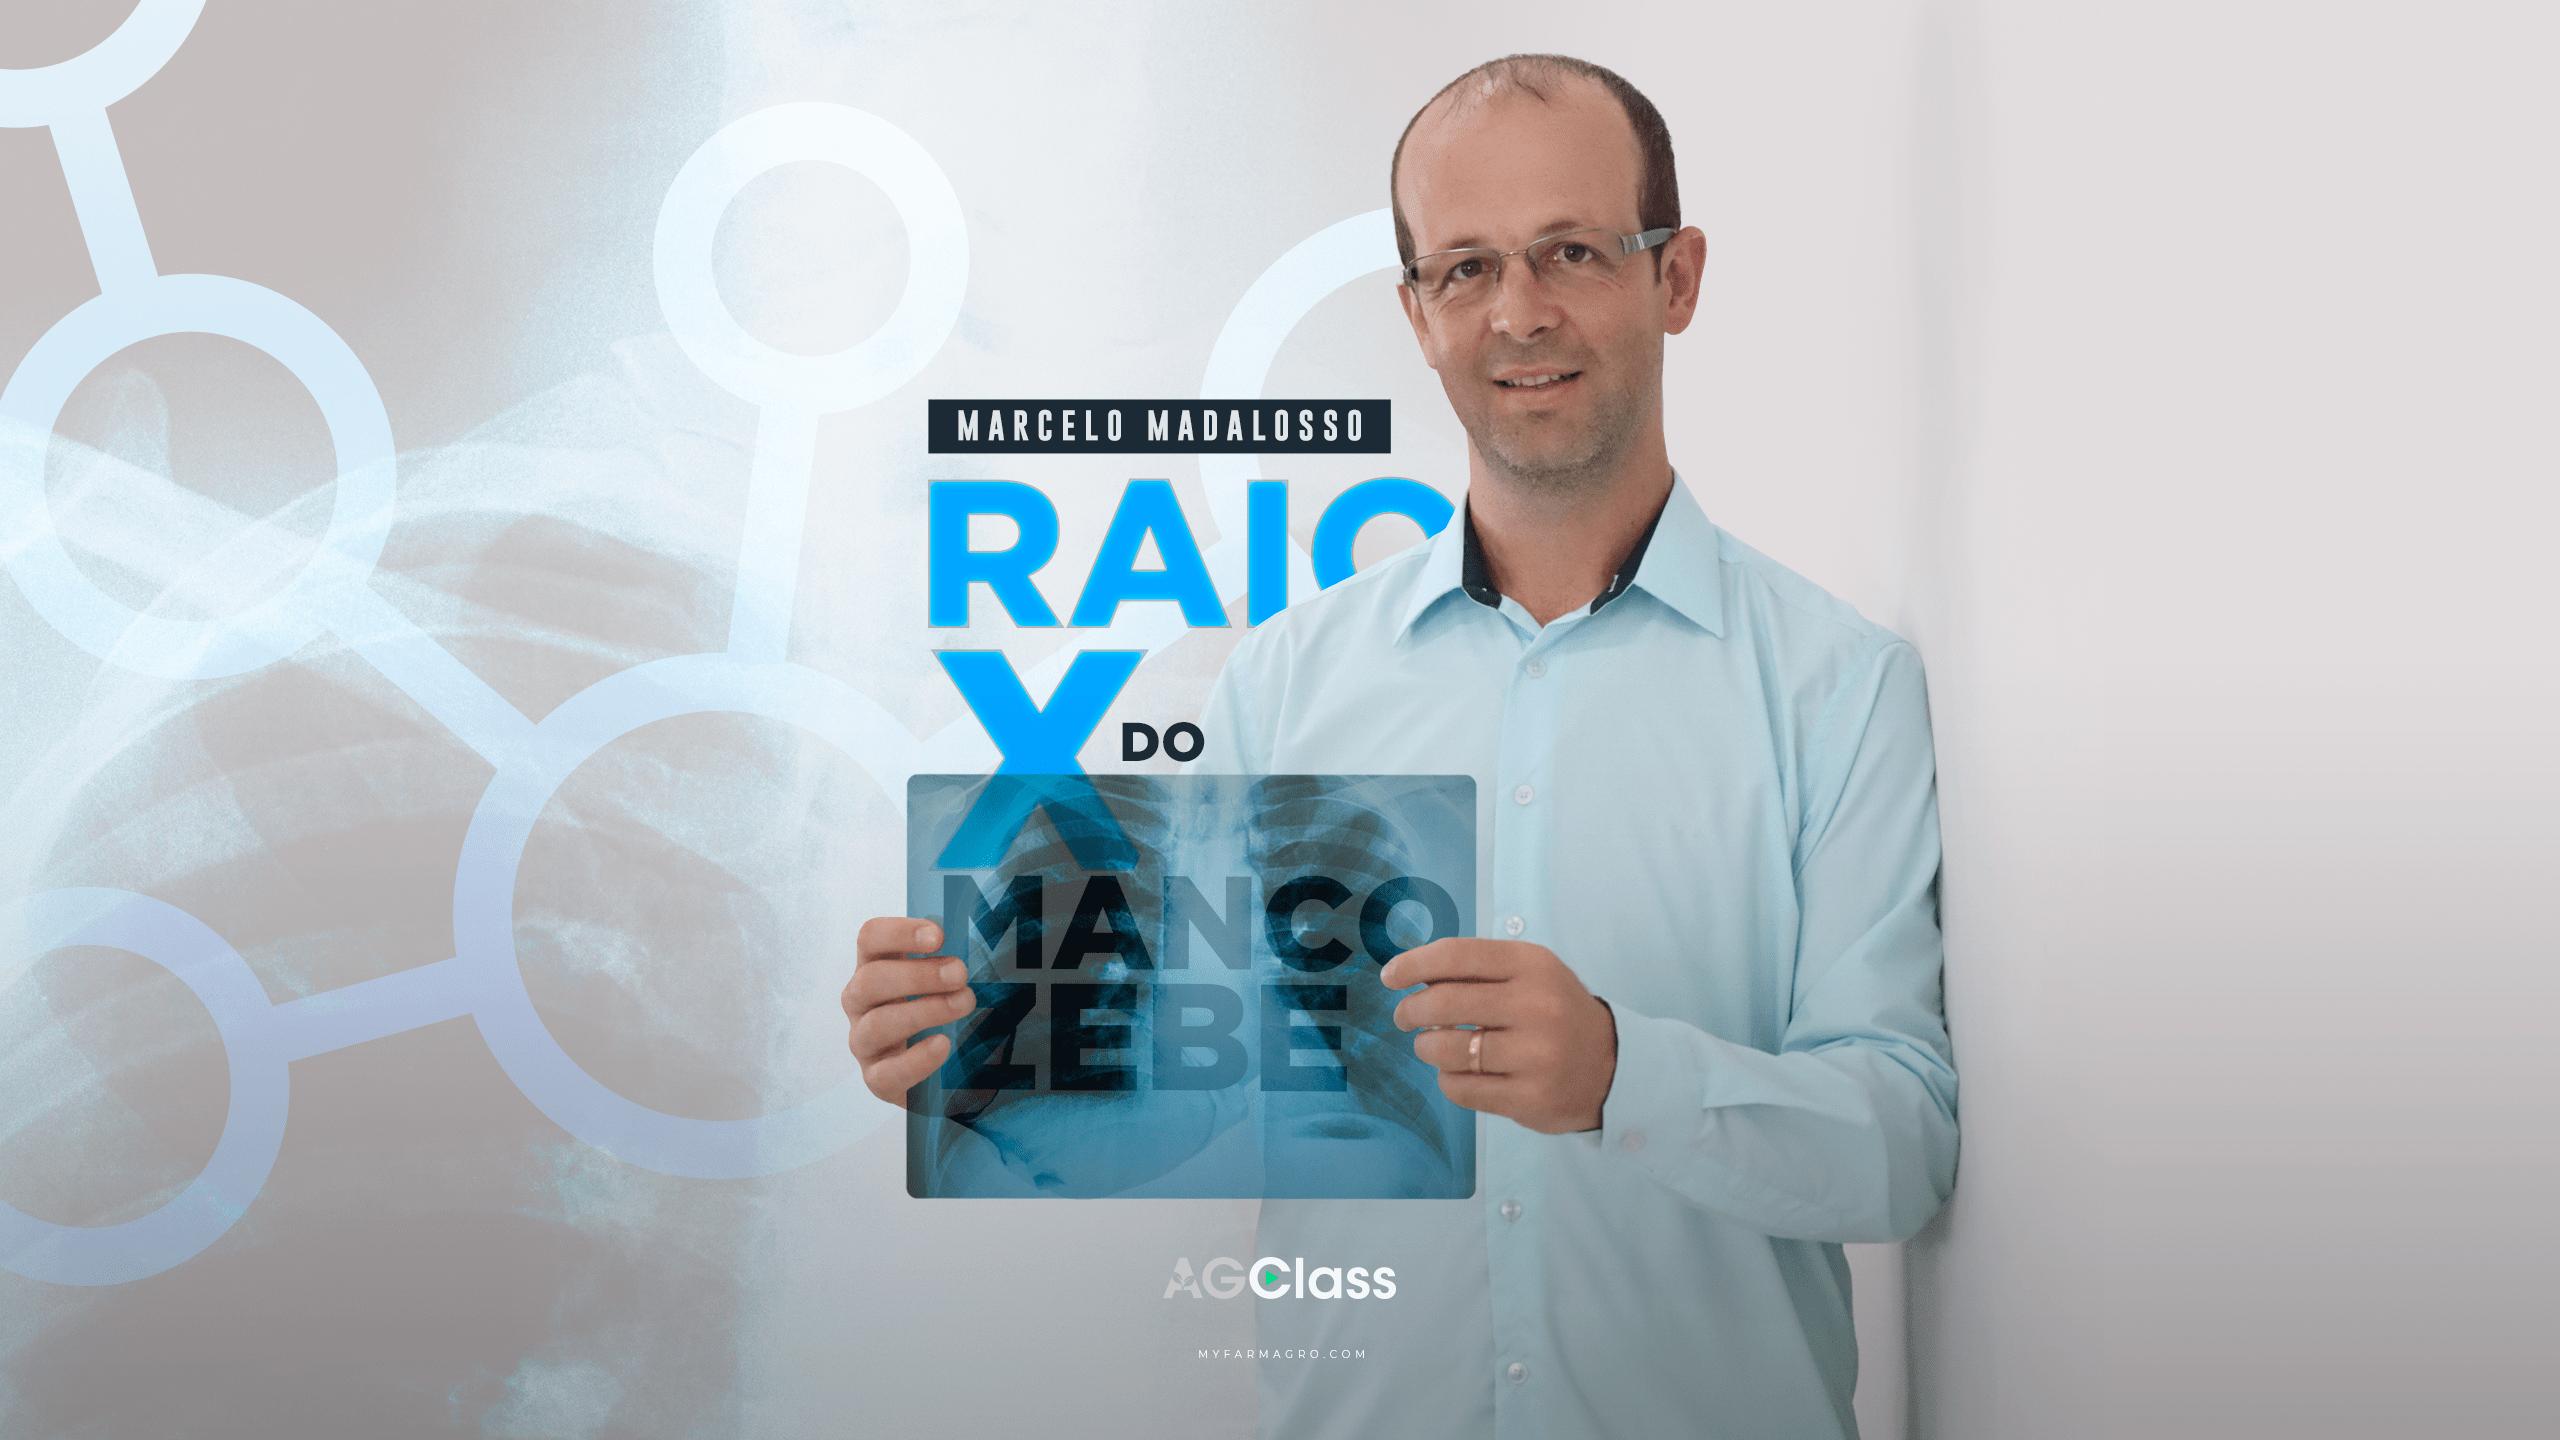 RAIO-X DO MANCOZEBE